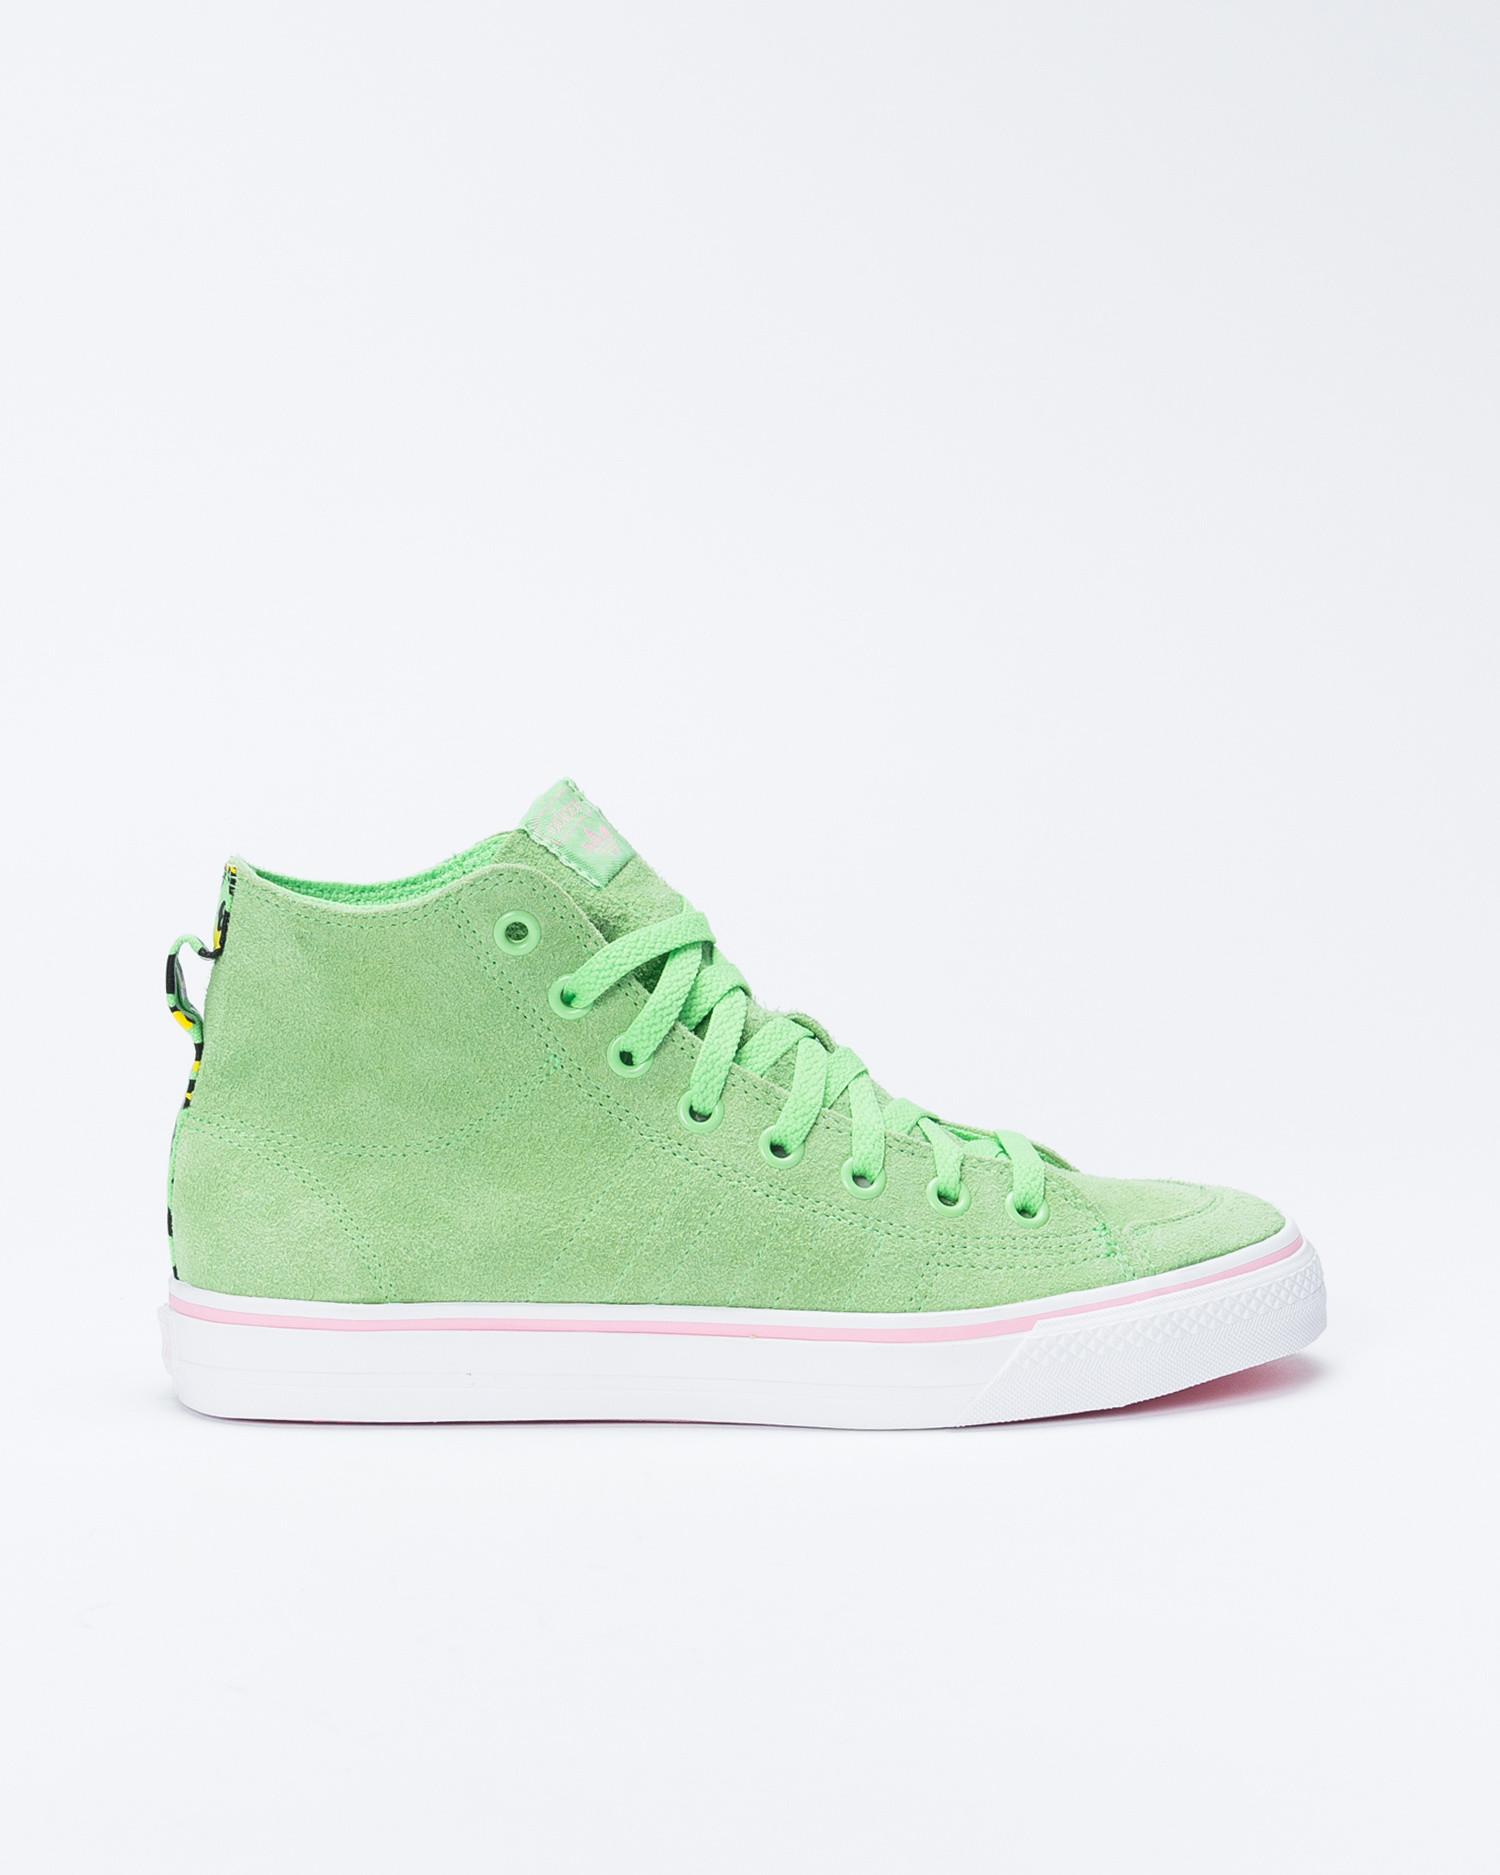 Adidas Nizza RFS  Sprgrn/Ftwwht/Ltpink